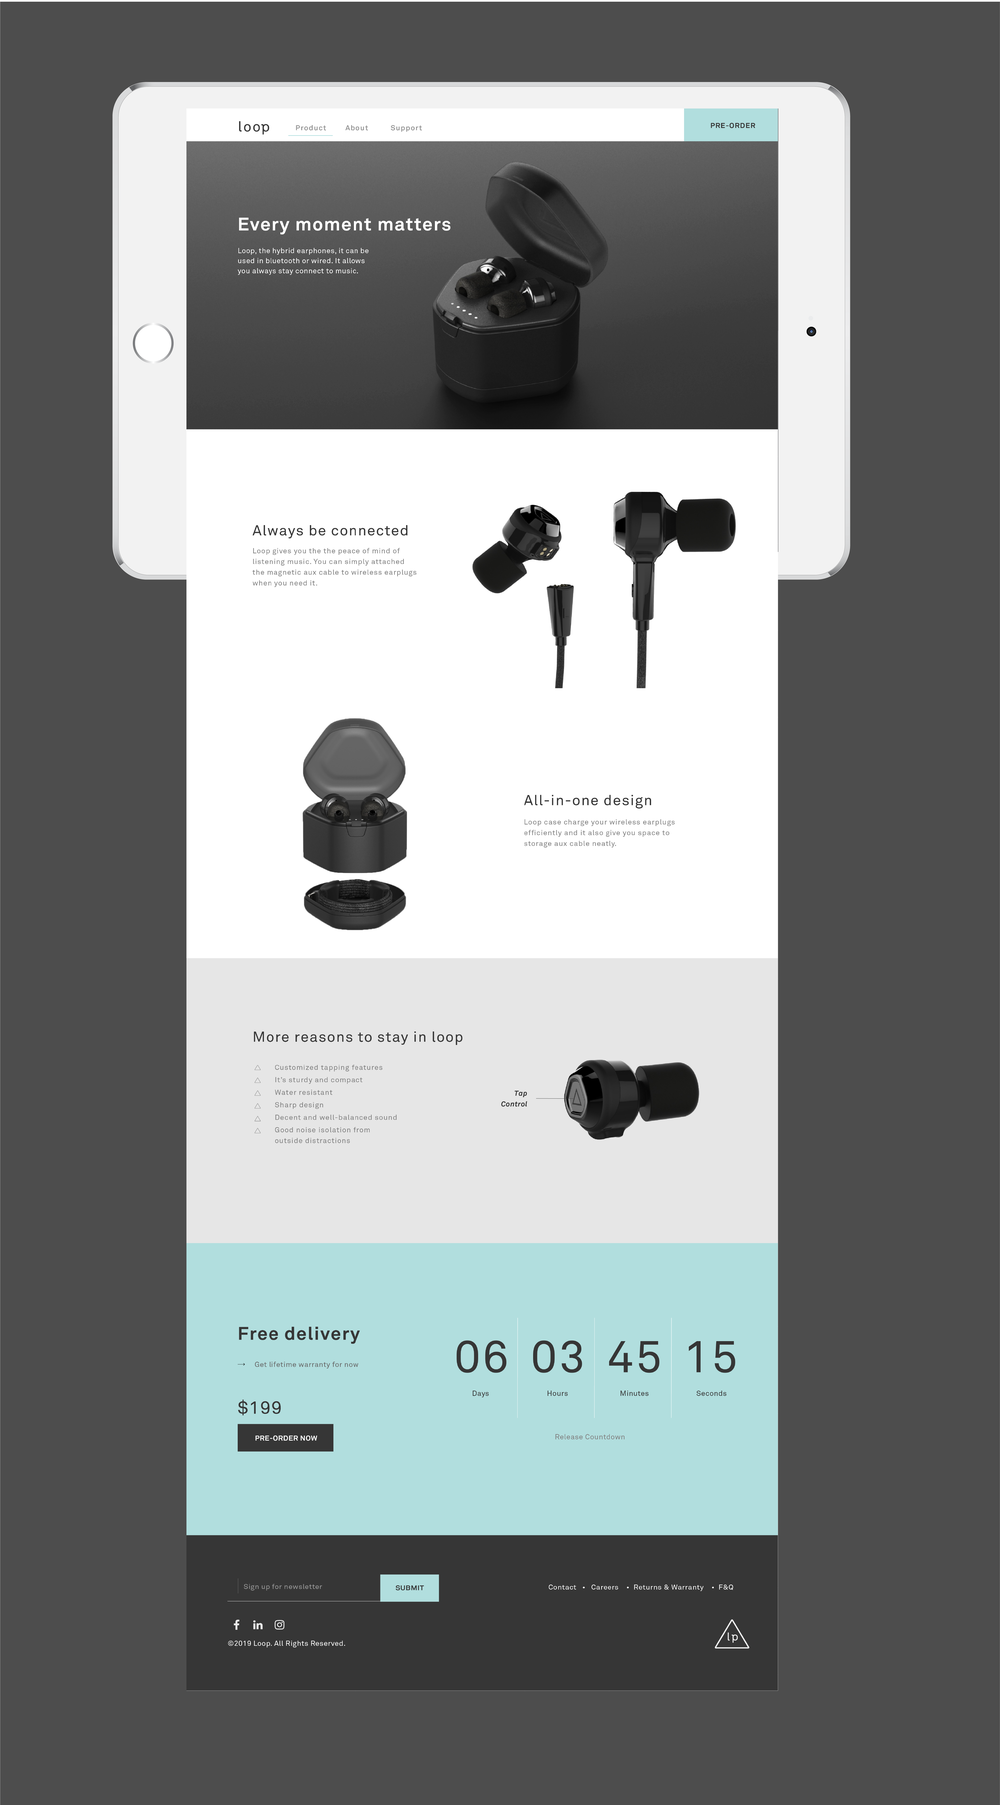 loop_webstie design-13.png